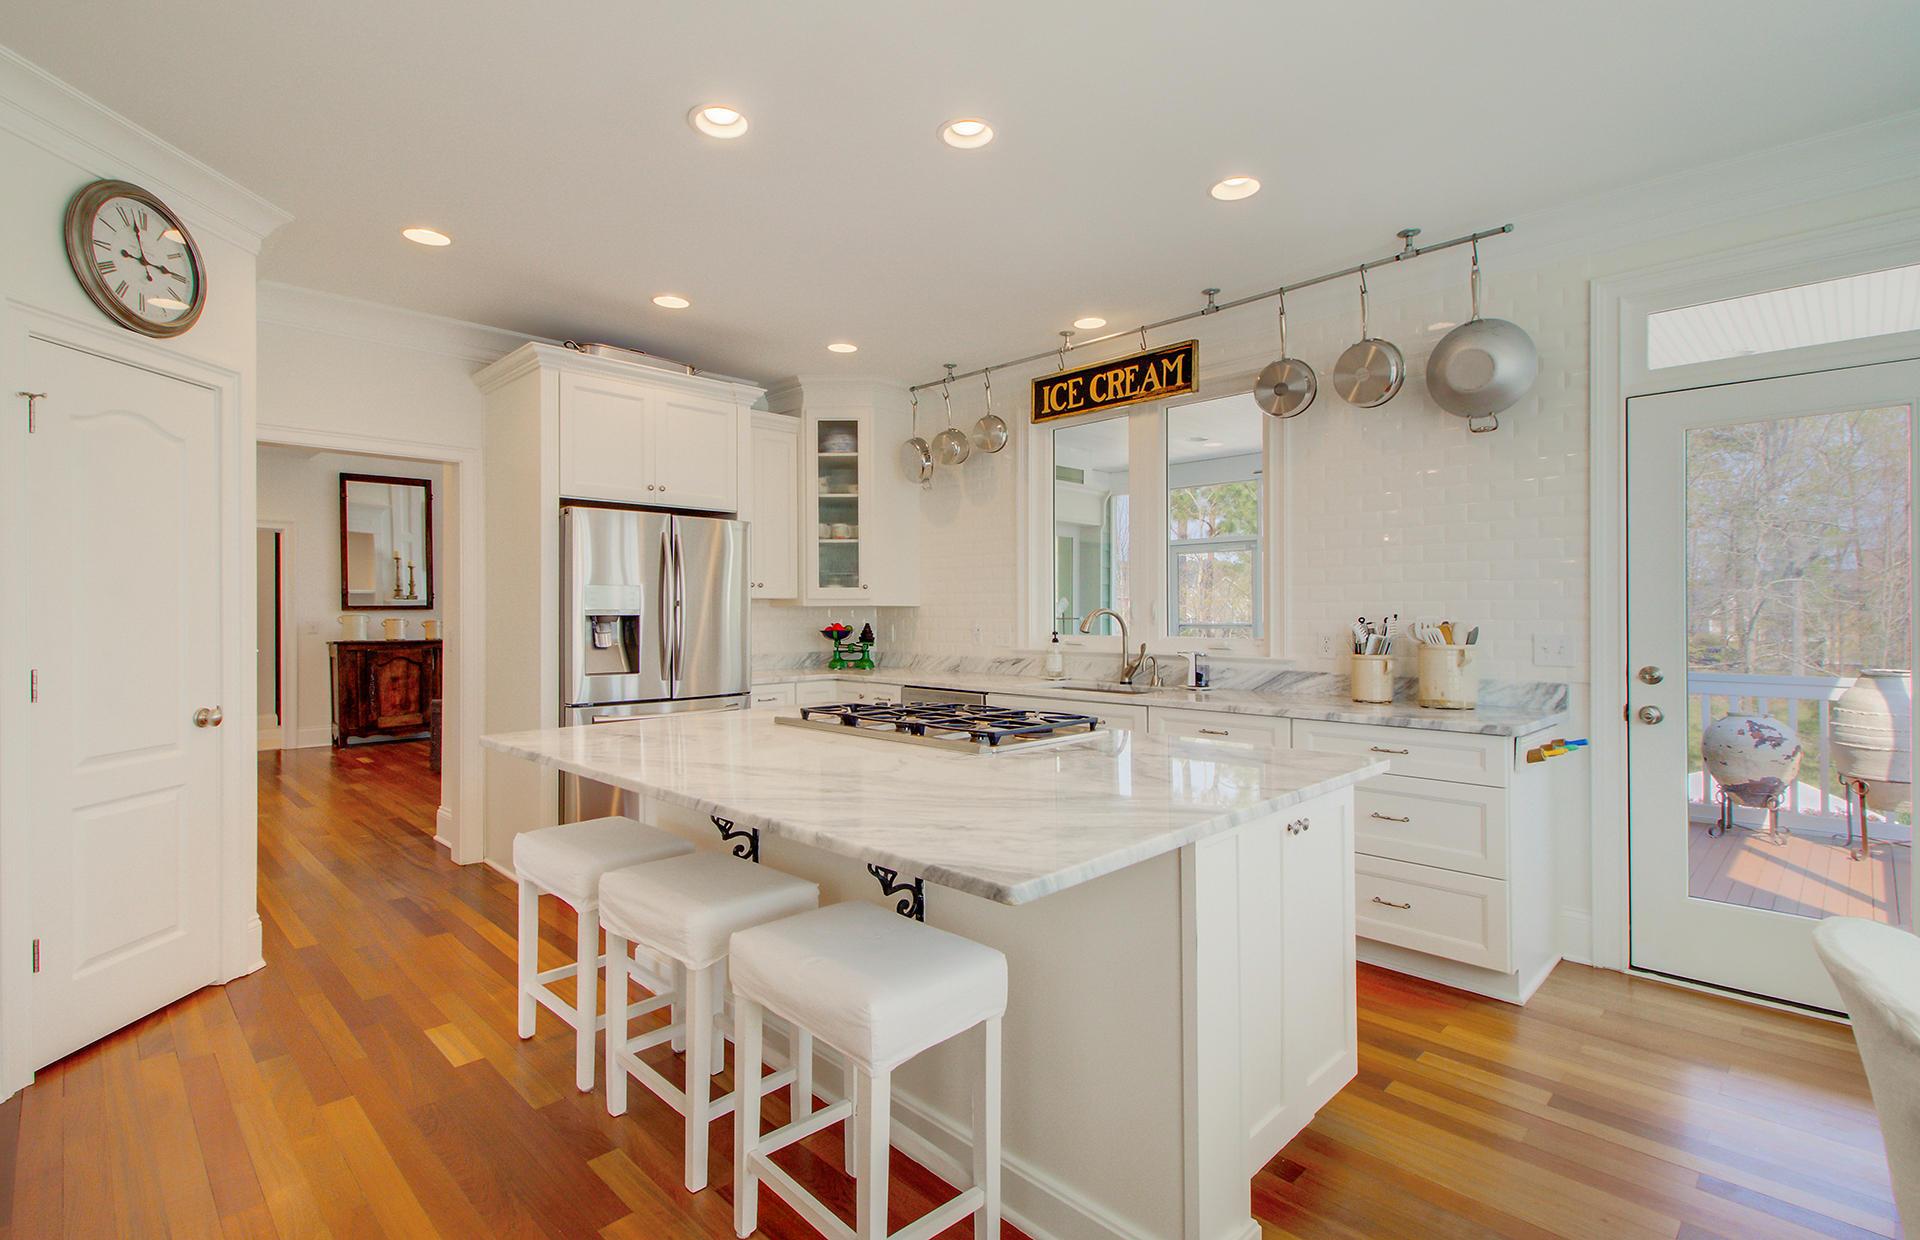 Dunes West Homes For Sale - 2913 Yachtsman, Mount Pleasant, SC - 28